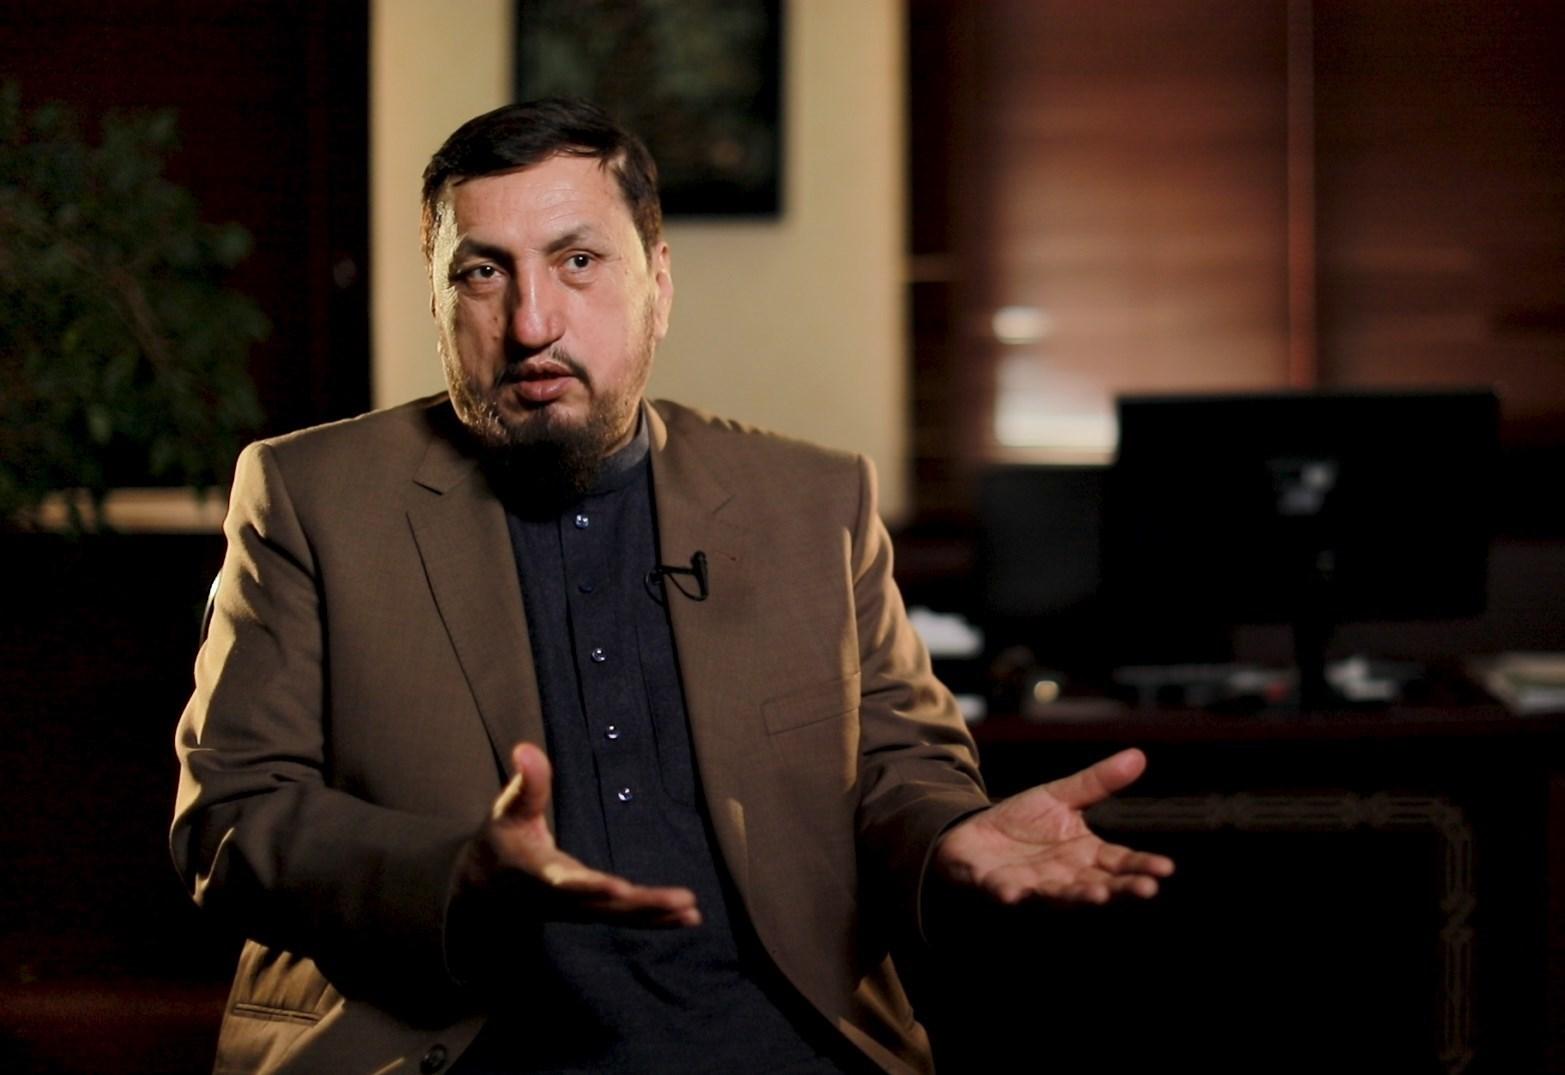 افغانستان، اگر حاج قاسم نبود